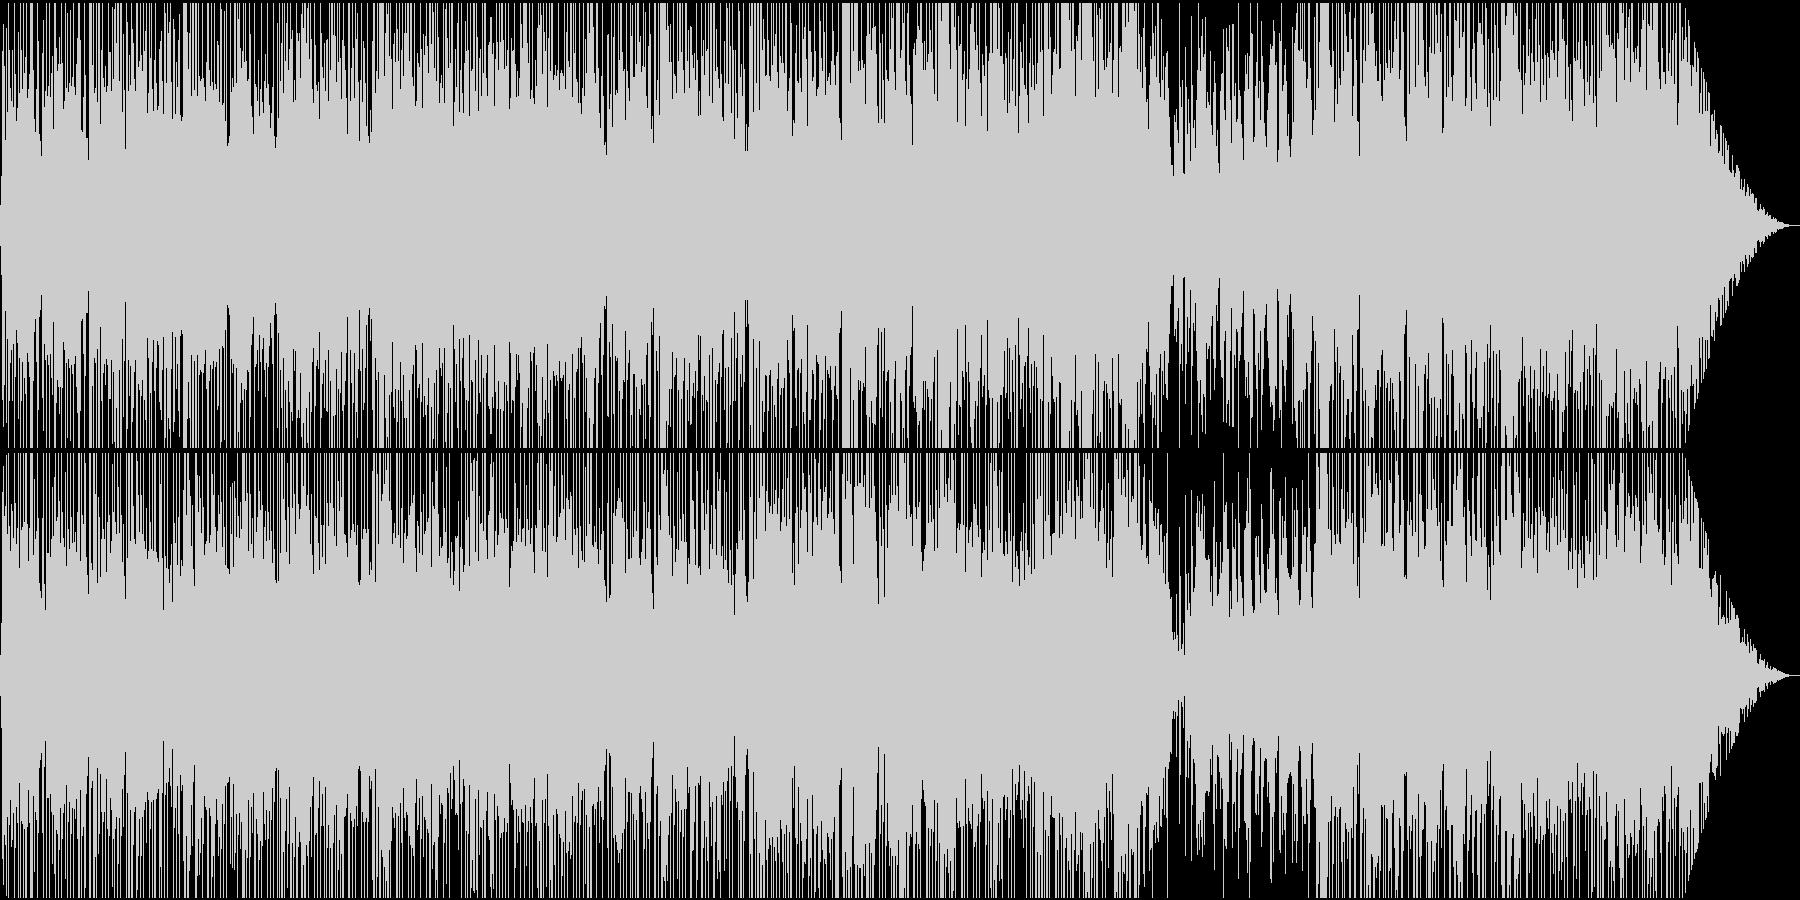 軽快なオープニング向けBGMの未再生の波形